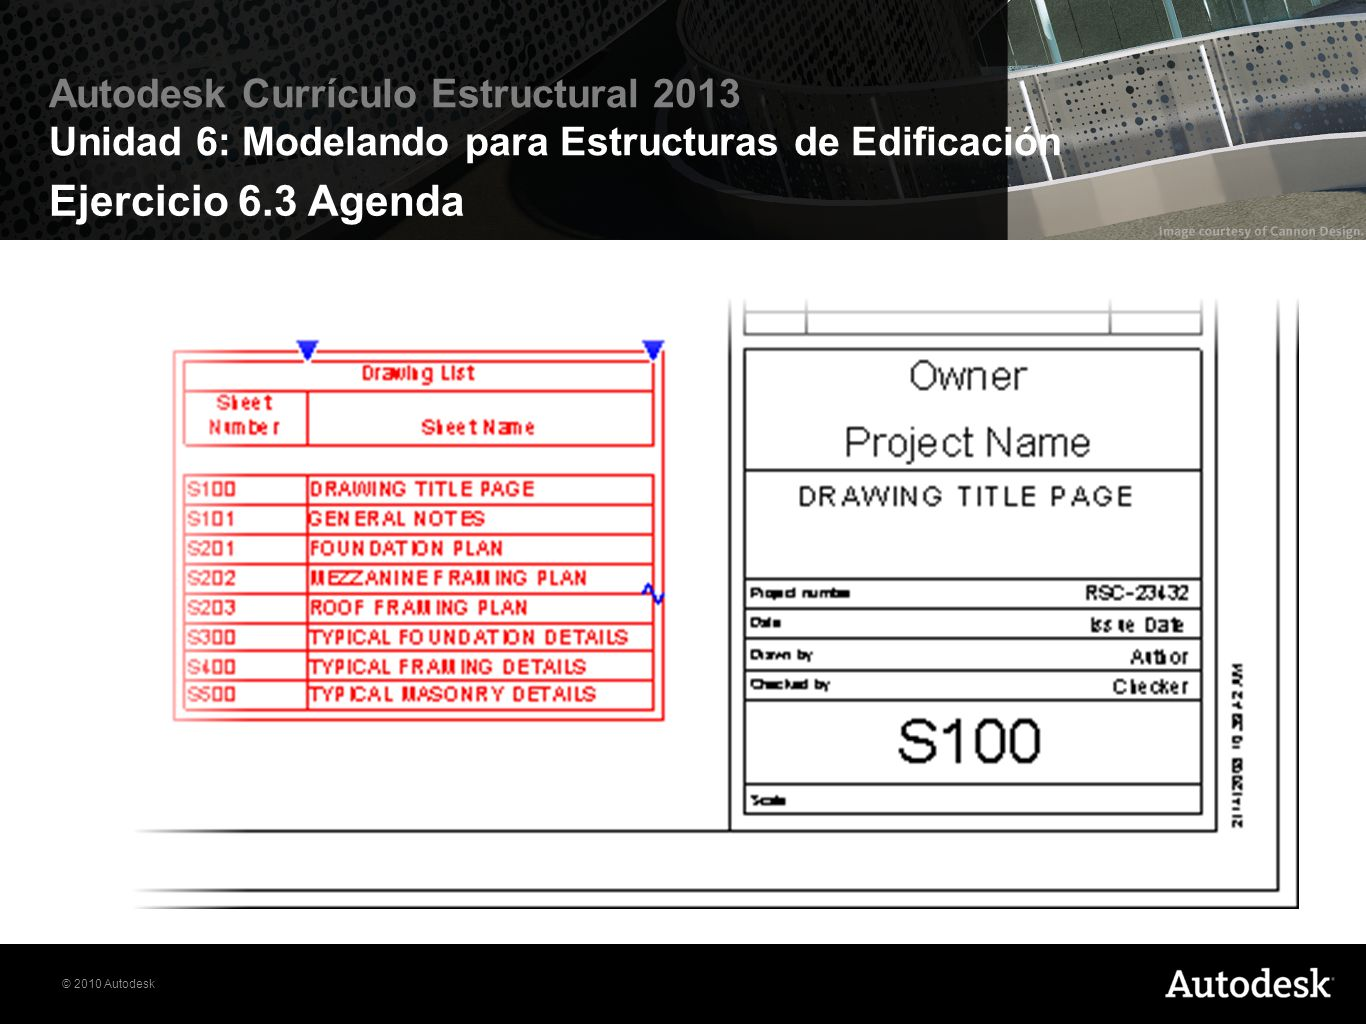 © 2010 Autodesk Autodesk Currículo Estructural 2013 Unidad 6: Modelando para Estructuras de Edificación Ejercicio 6.3 Agenda